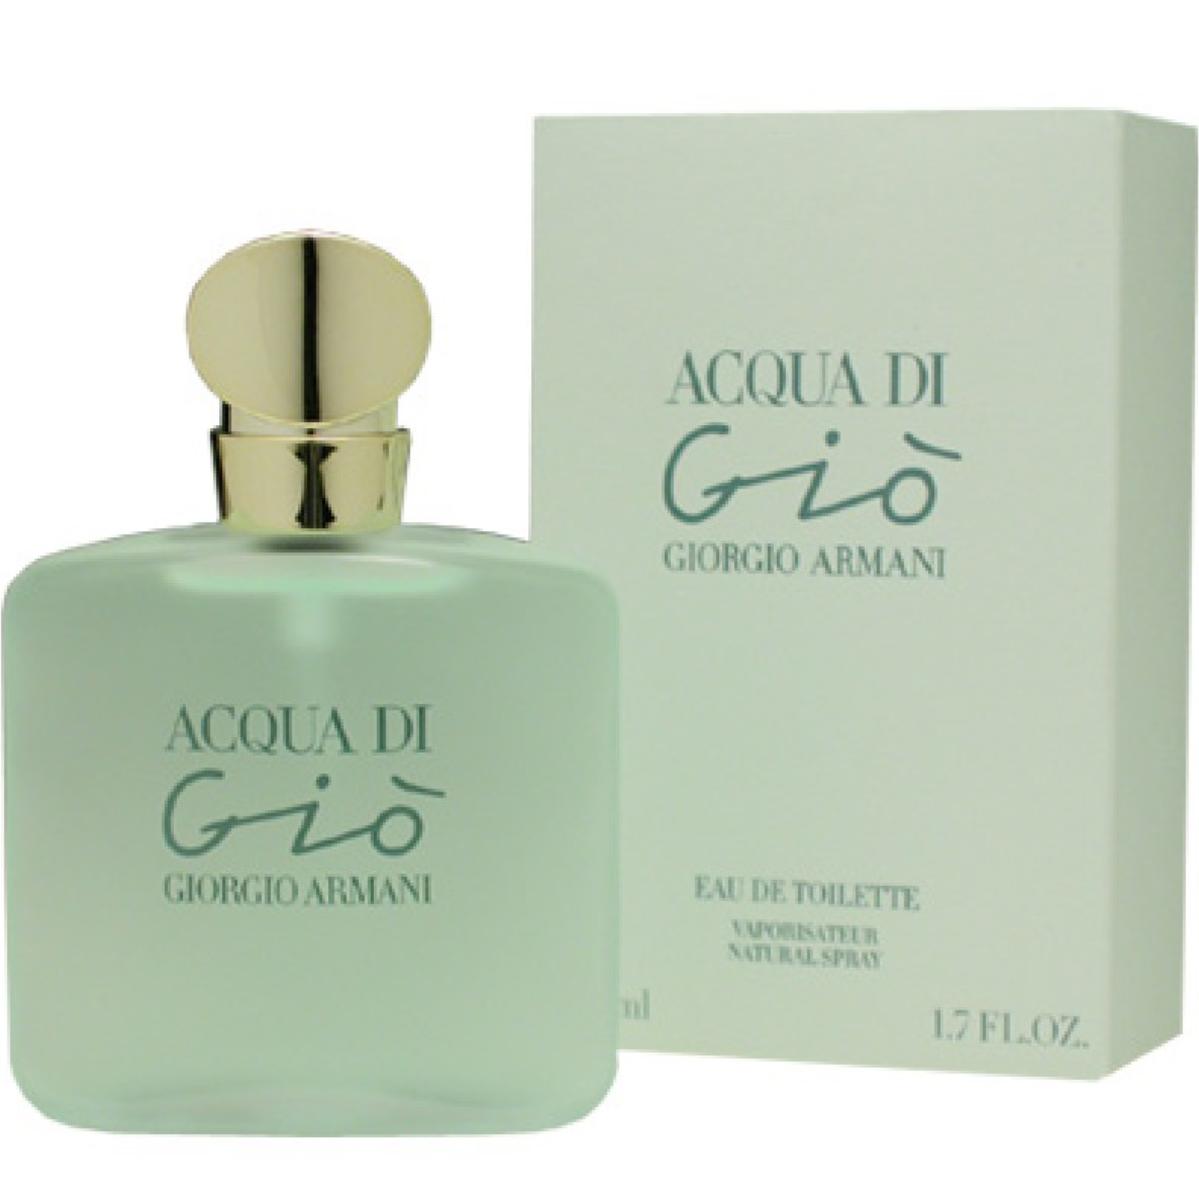 Giorgio Armani - Acqua di Gio - eau de toilette